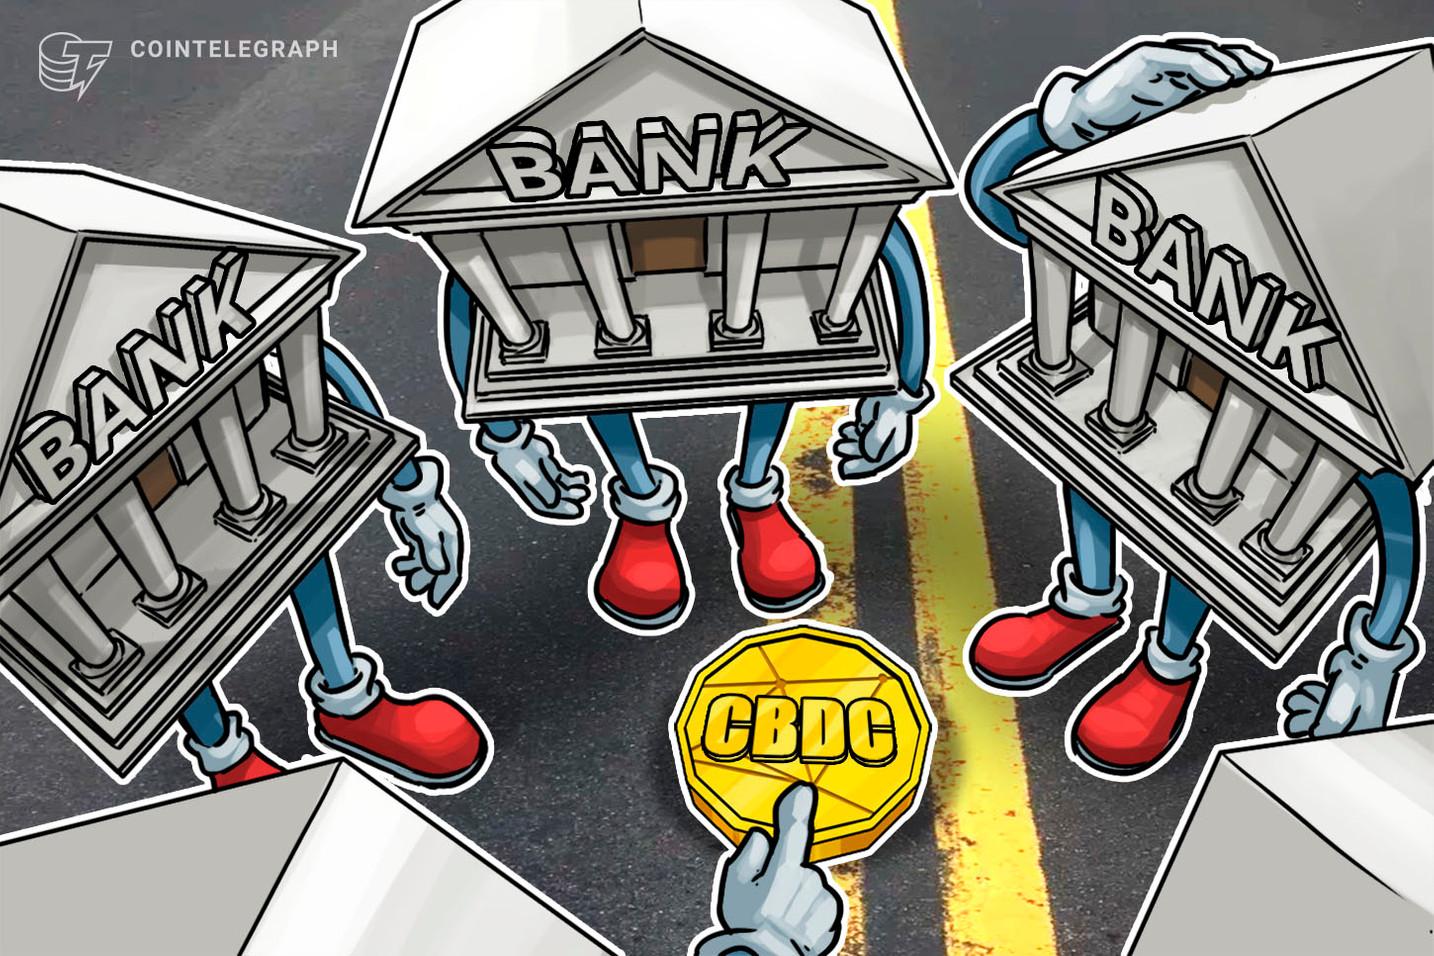 CEO do HSBC defende moedas digitais nacionais contra criptomoedas e stablecoins